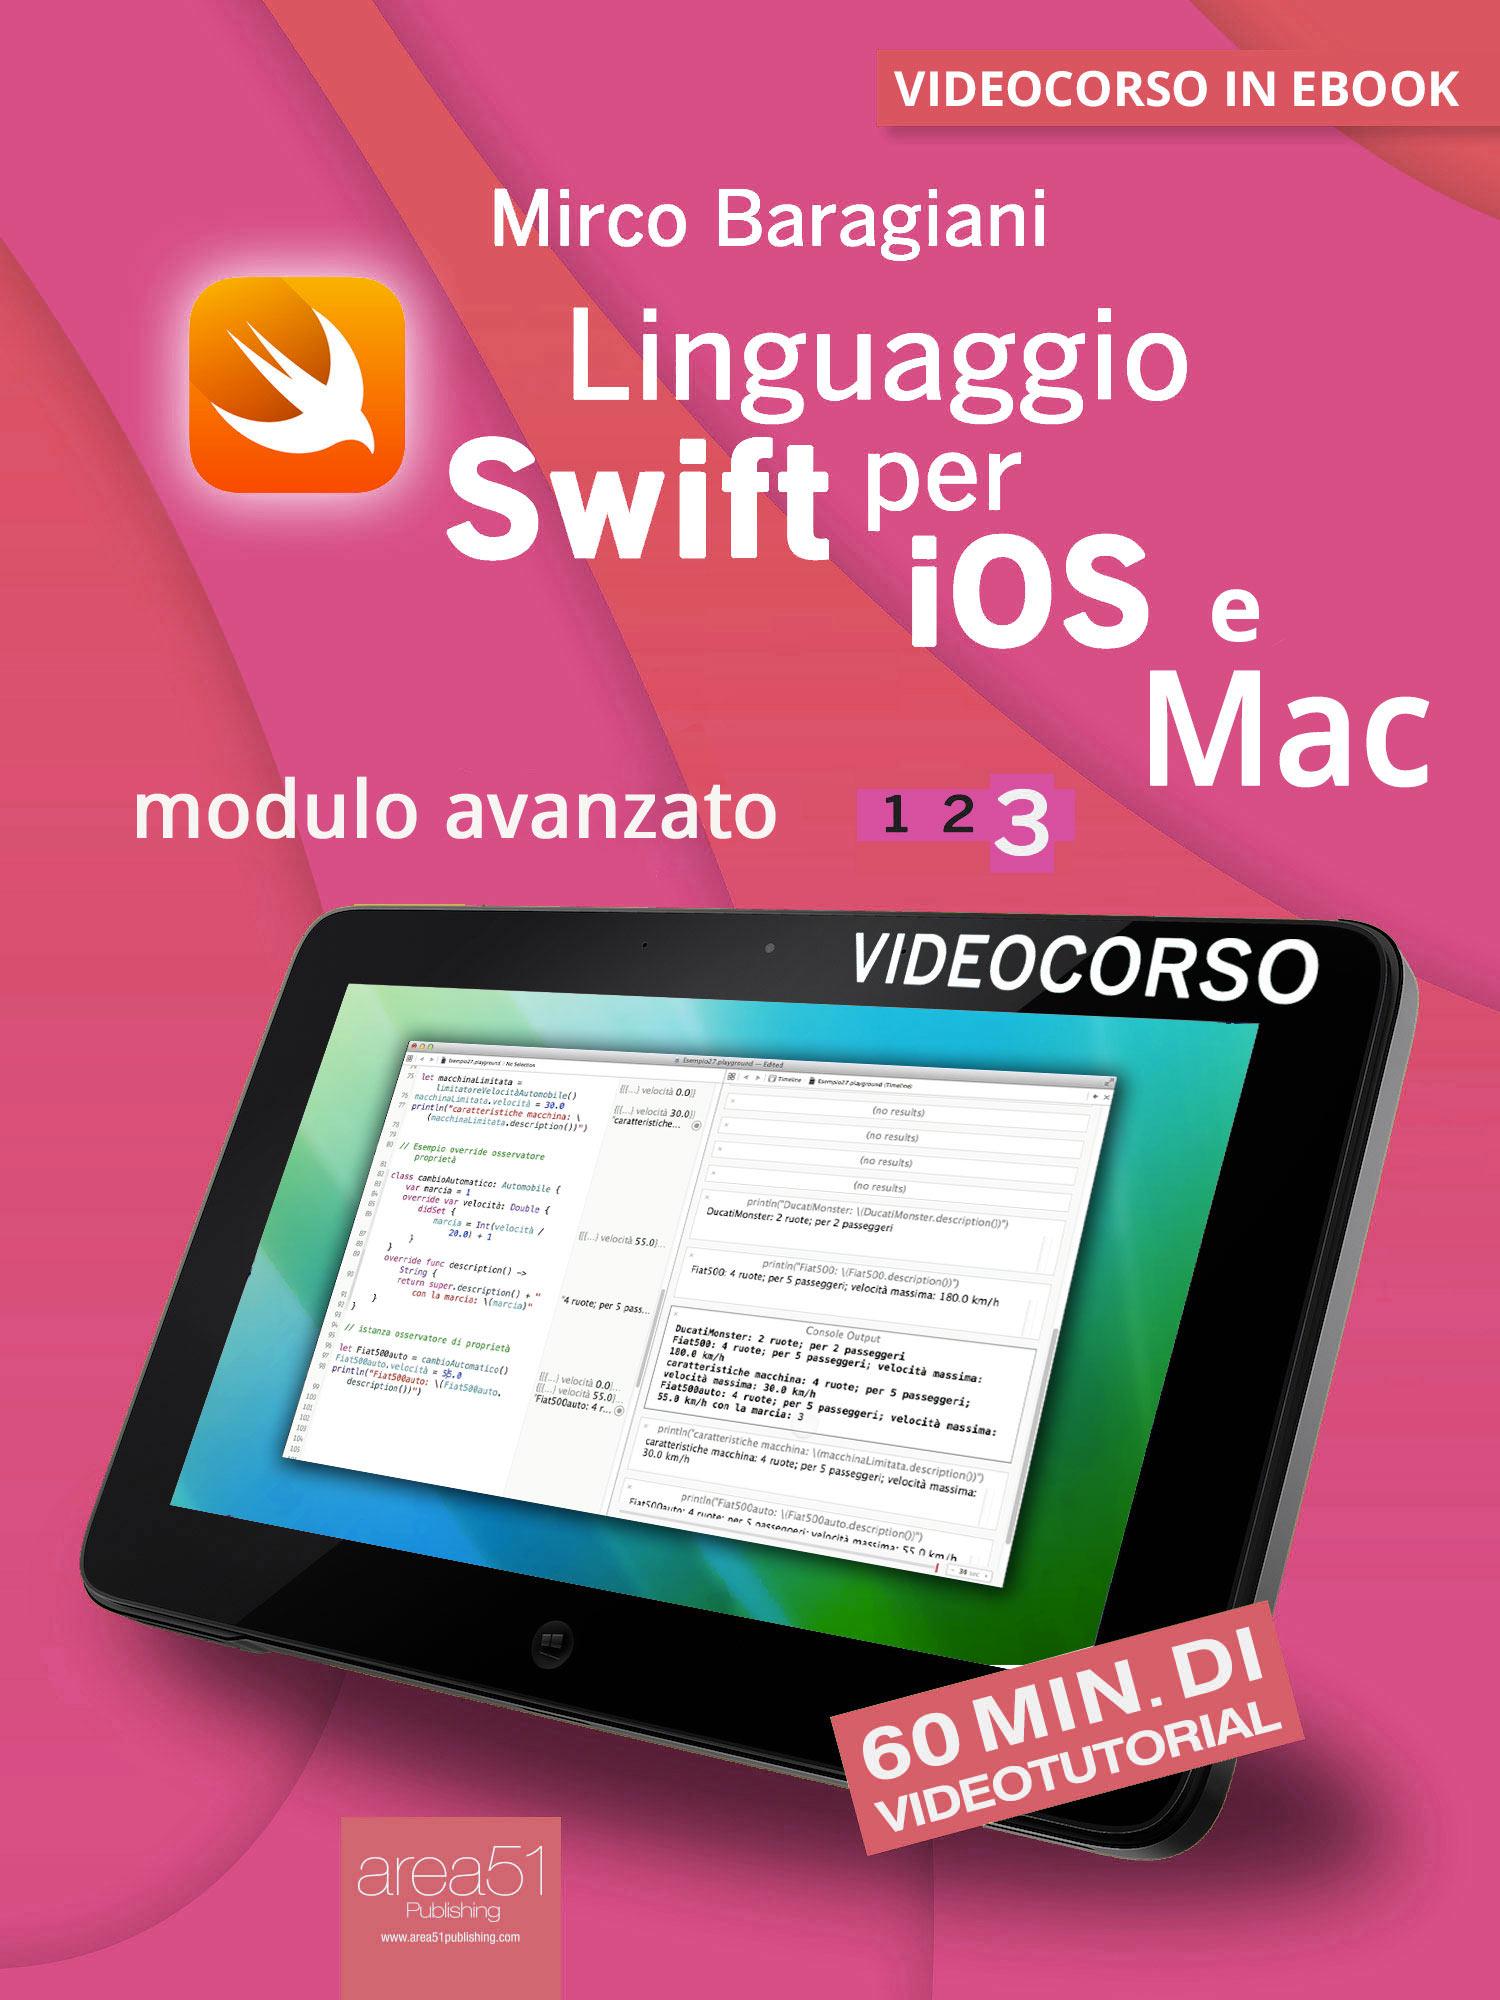 Linguaggio Swift per iOS e Mac 3-0